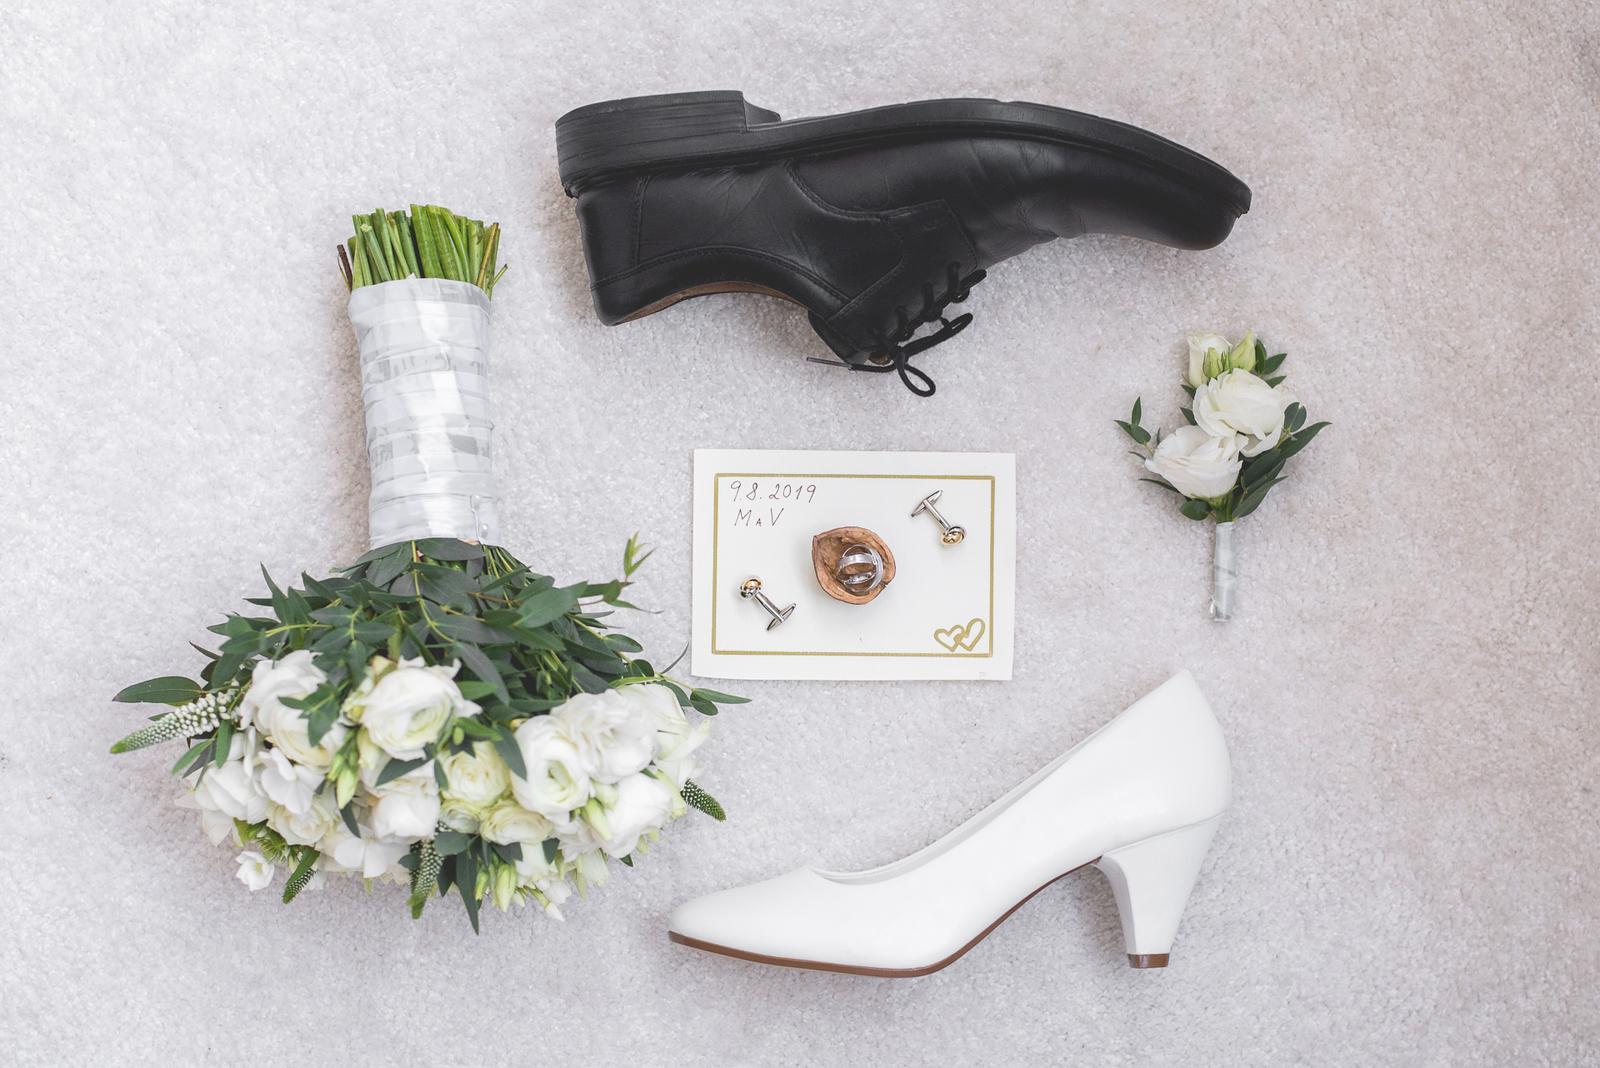 Svatba M + V - Obrázek č. 3